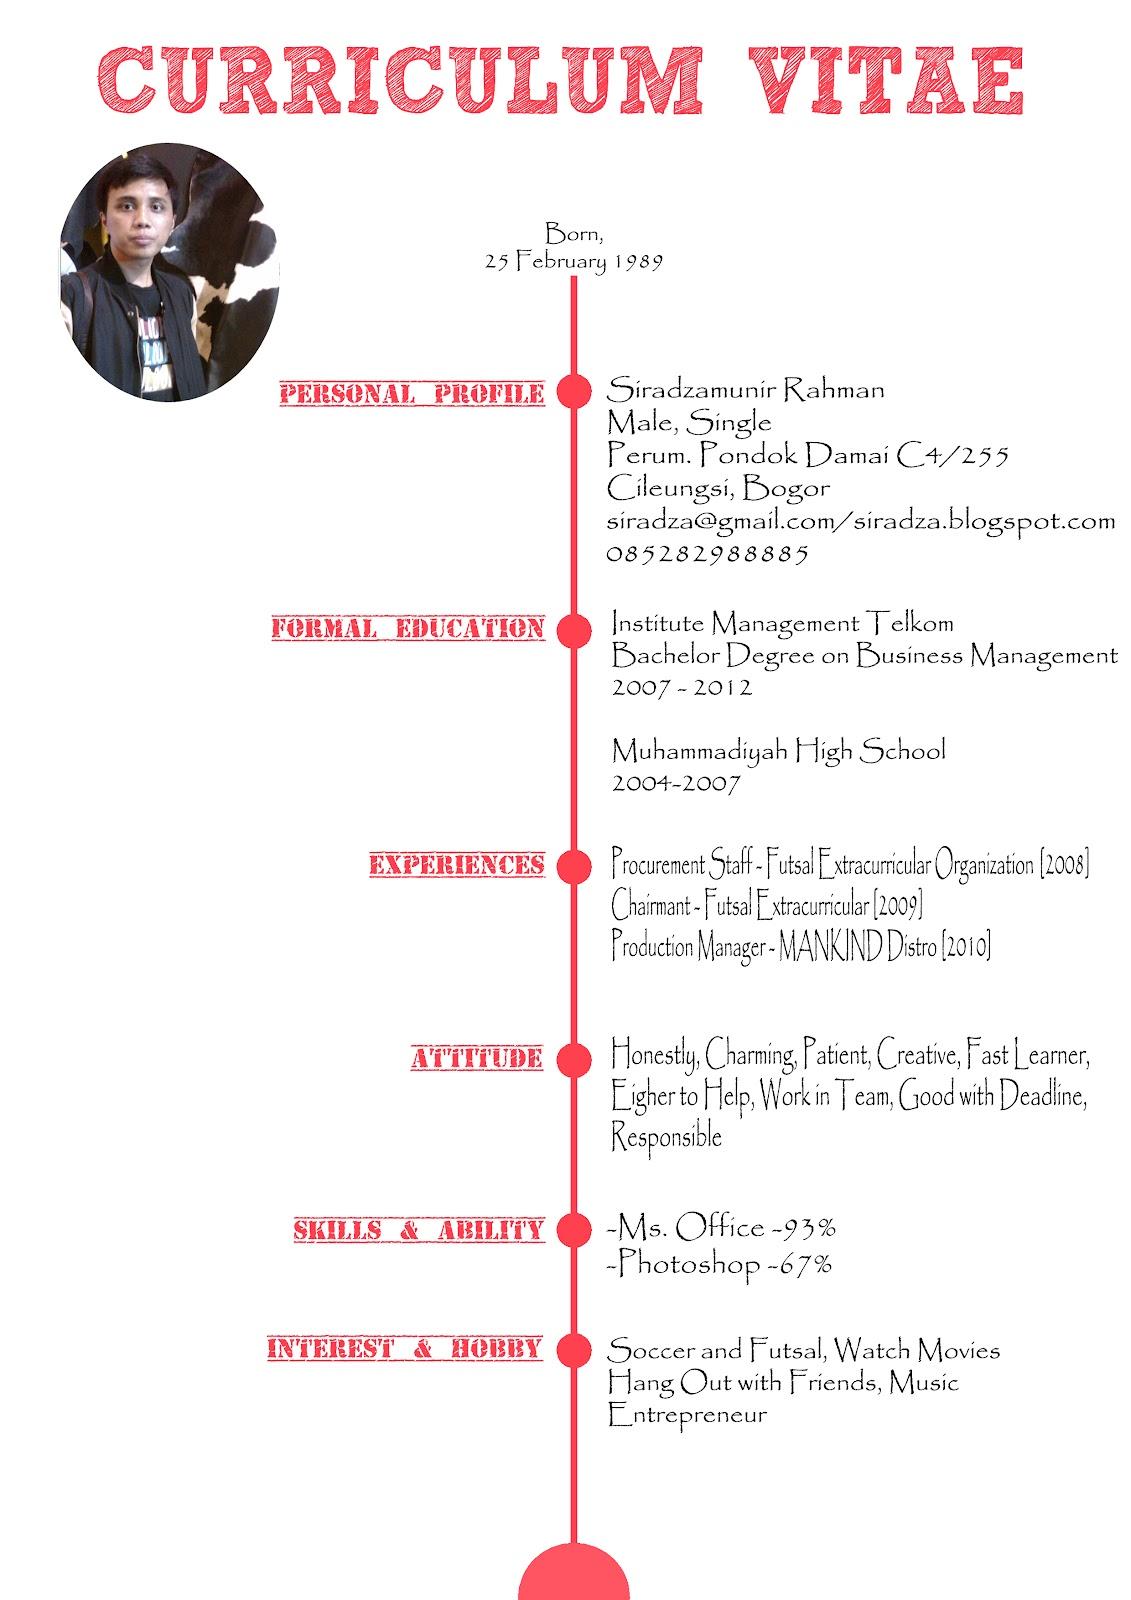 Contoh CV Daftar Riwayat Hidup Kreatif Menarik & Lengkap